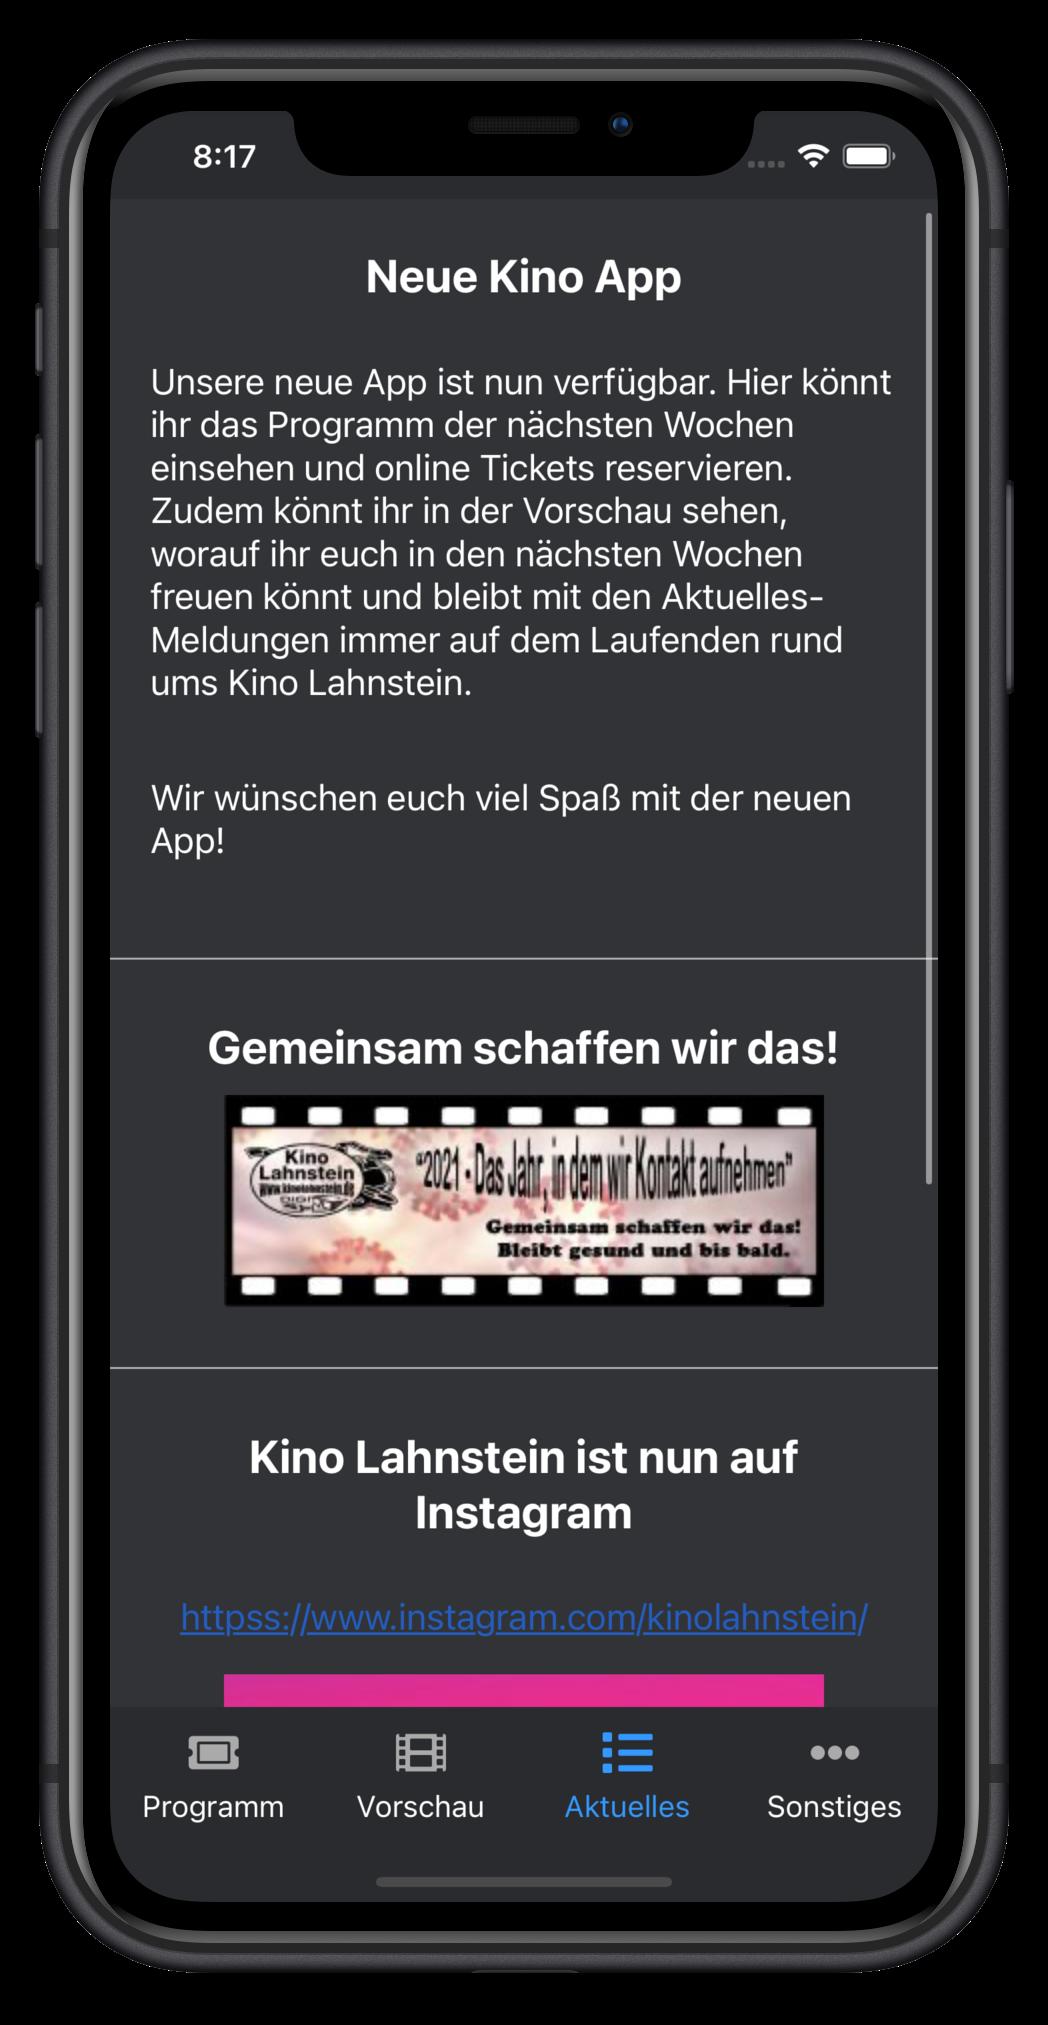 kinolahnstein-app-news-1-dark_iphonexrspacegrey_portrait